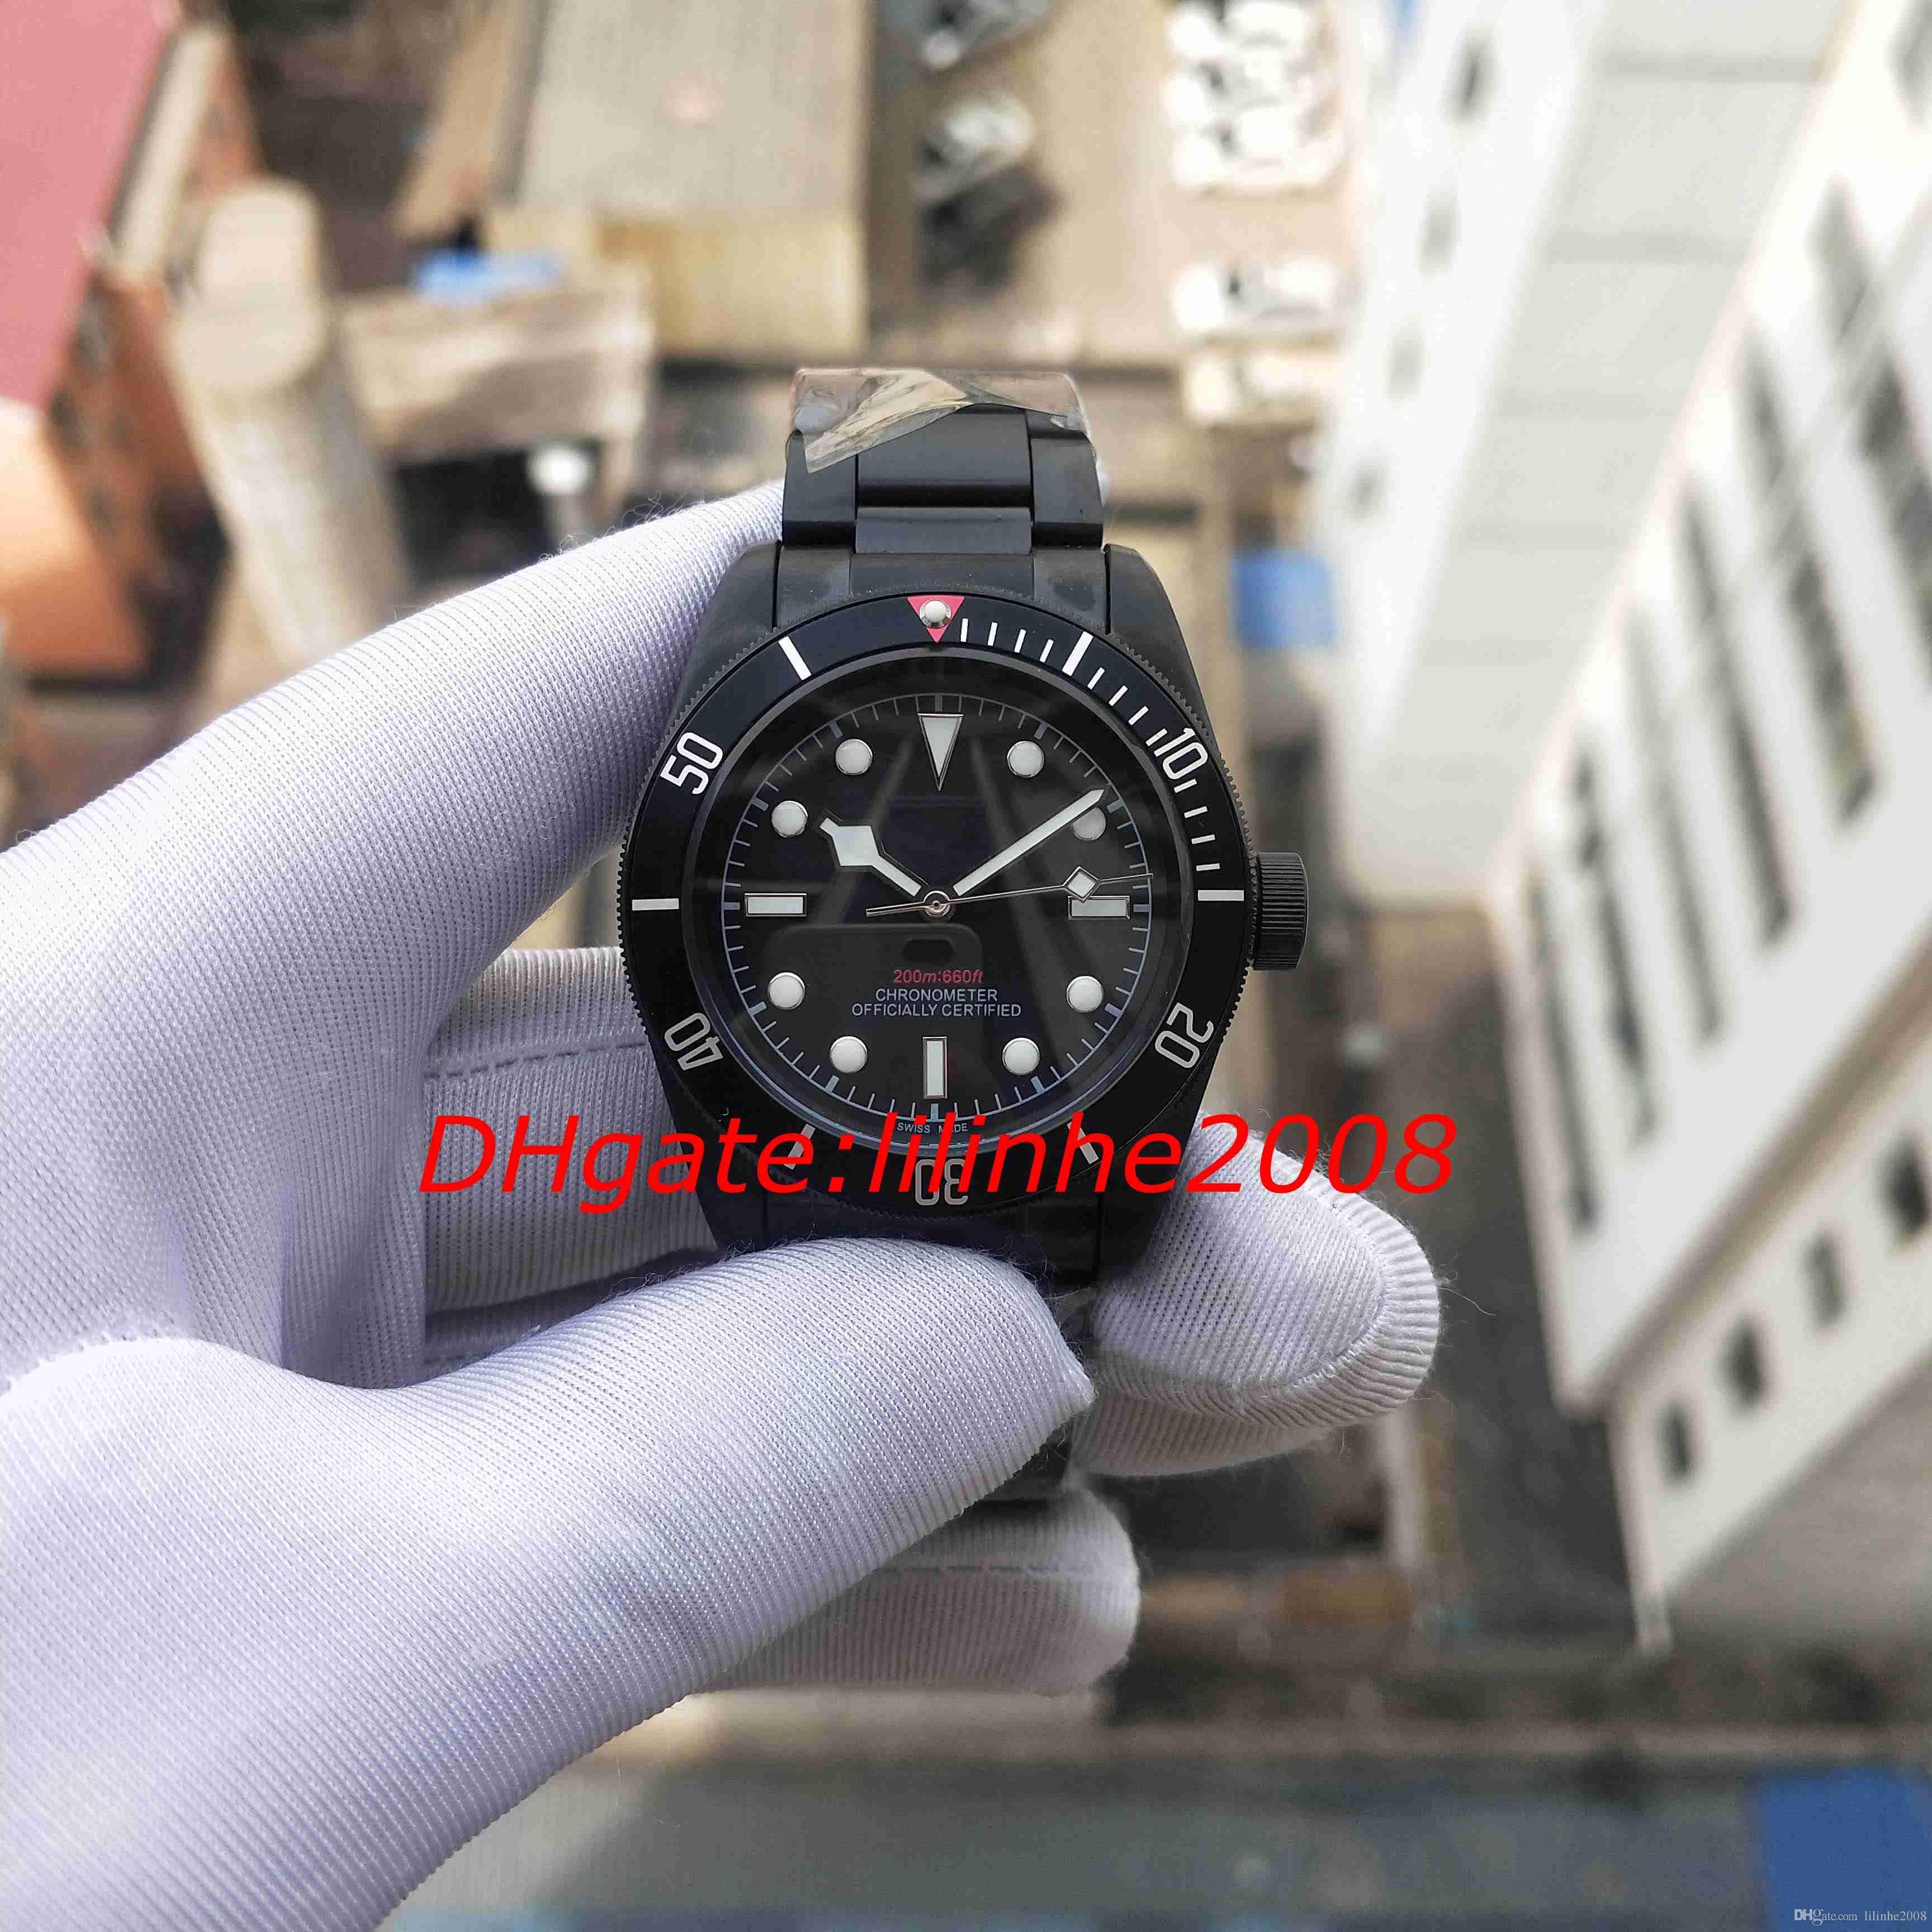 Melhor Qualidade Assista 79230DK 25600TN 79230B 25600TB GENEVE Relógios Movimento automático PVD Black aço Calendário Mens Relógios dos homens relógio